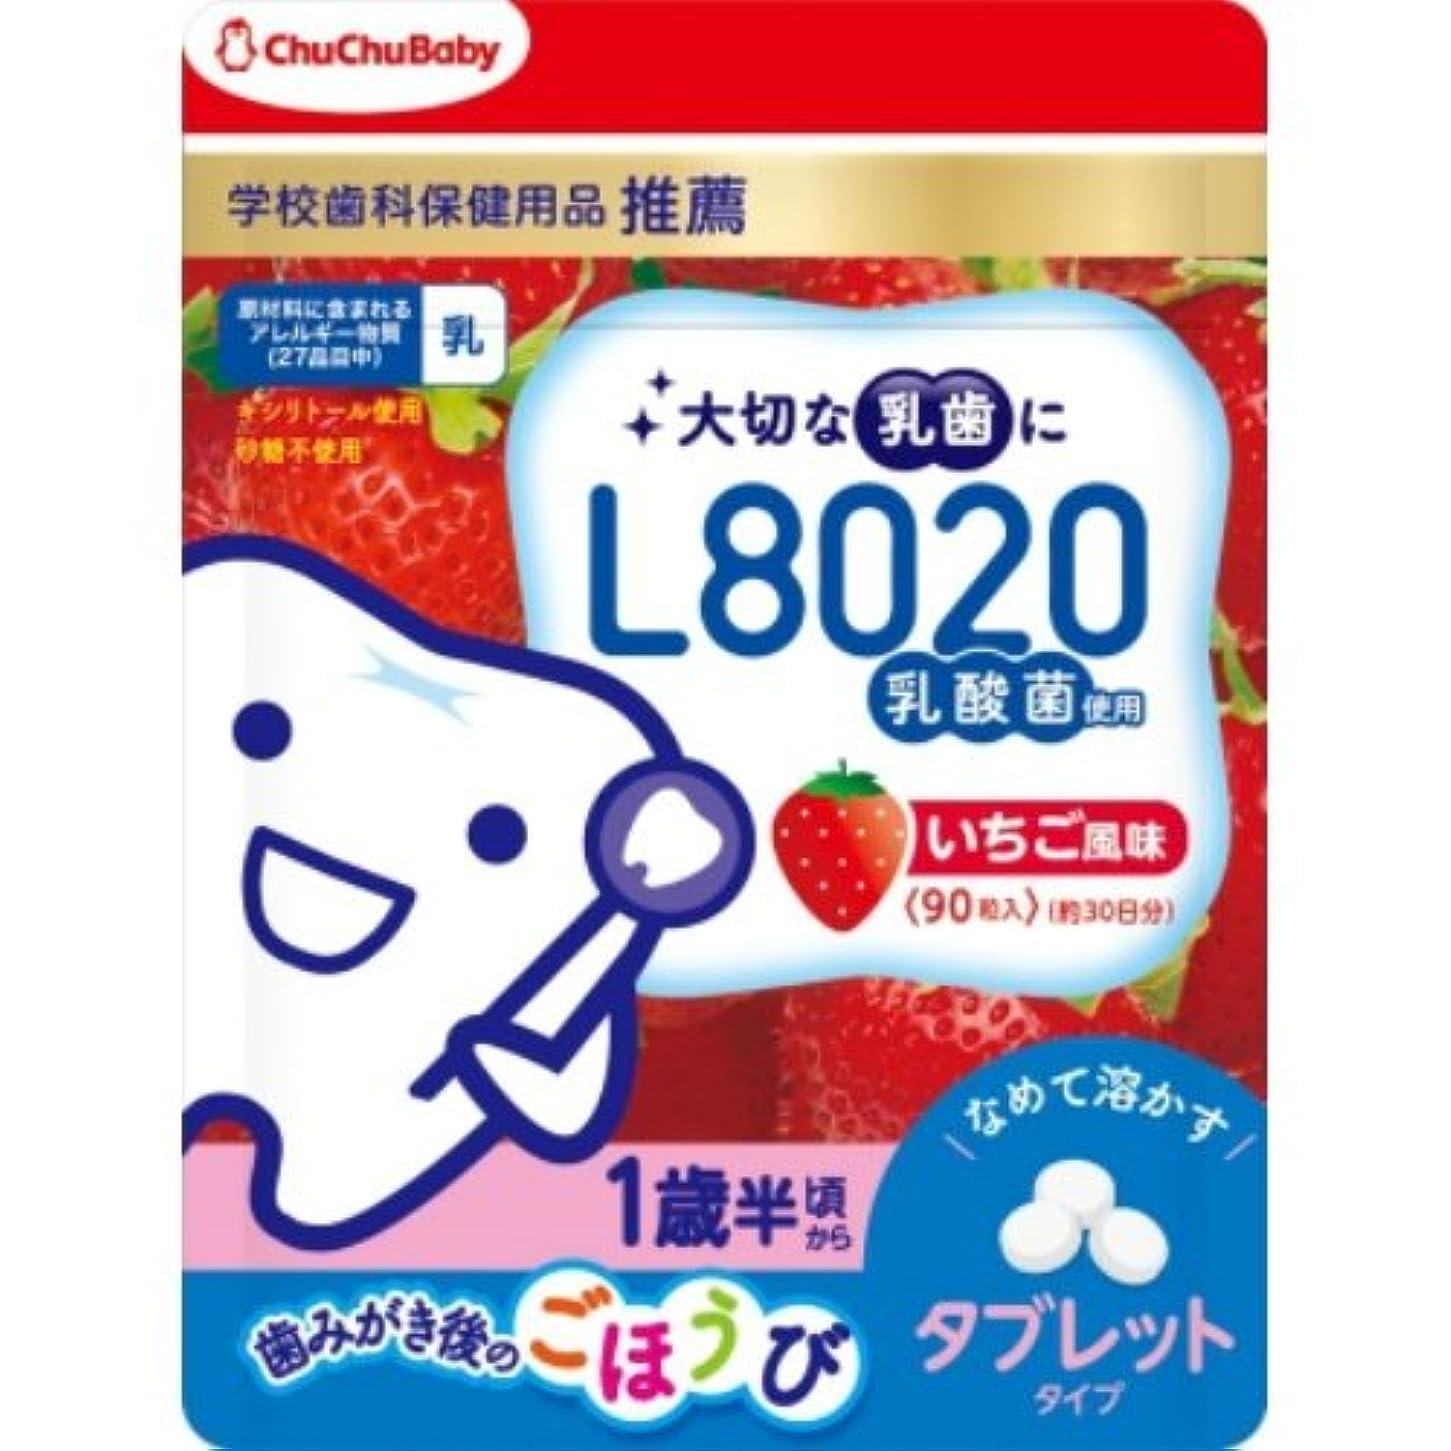 経由で被害者平和的L8020乳酸菌チュチュベビータブレットいちご風味 × 5個セット